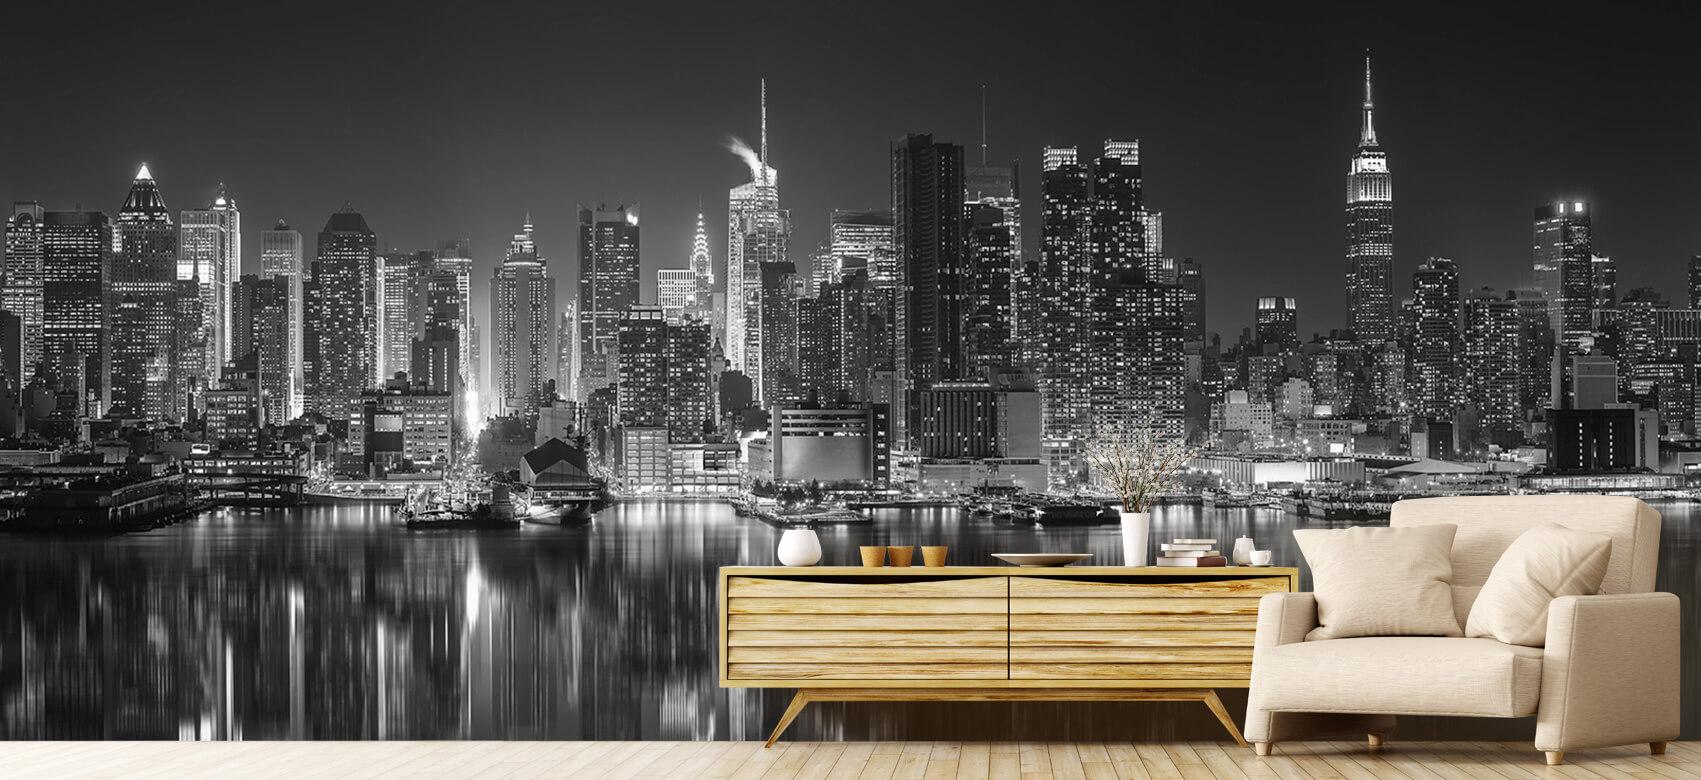 World & Cities Photo wallpaper New York skyline at night 7